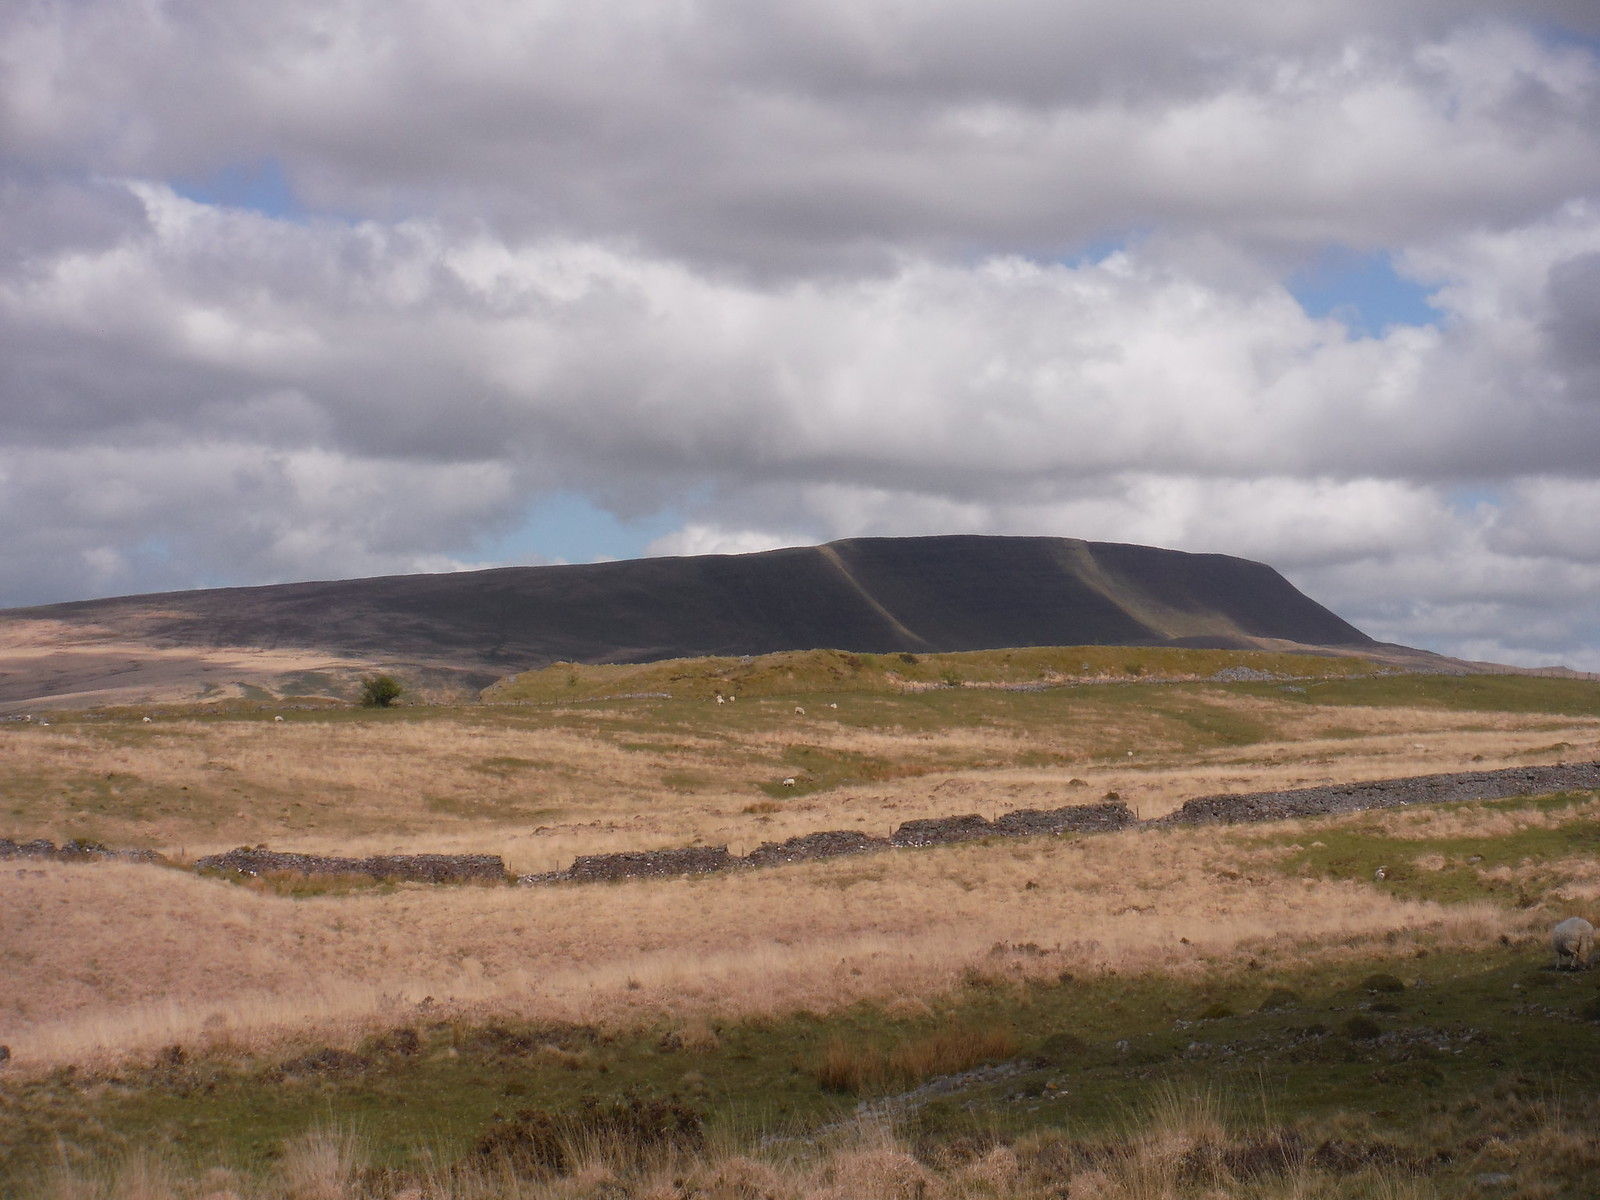 Fan Hir Escarpment, from Dismantled Tramway SWC Walk 307 - Fforest Fawr Traverse (Craig y Nos to Llwyn-y-celyn)